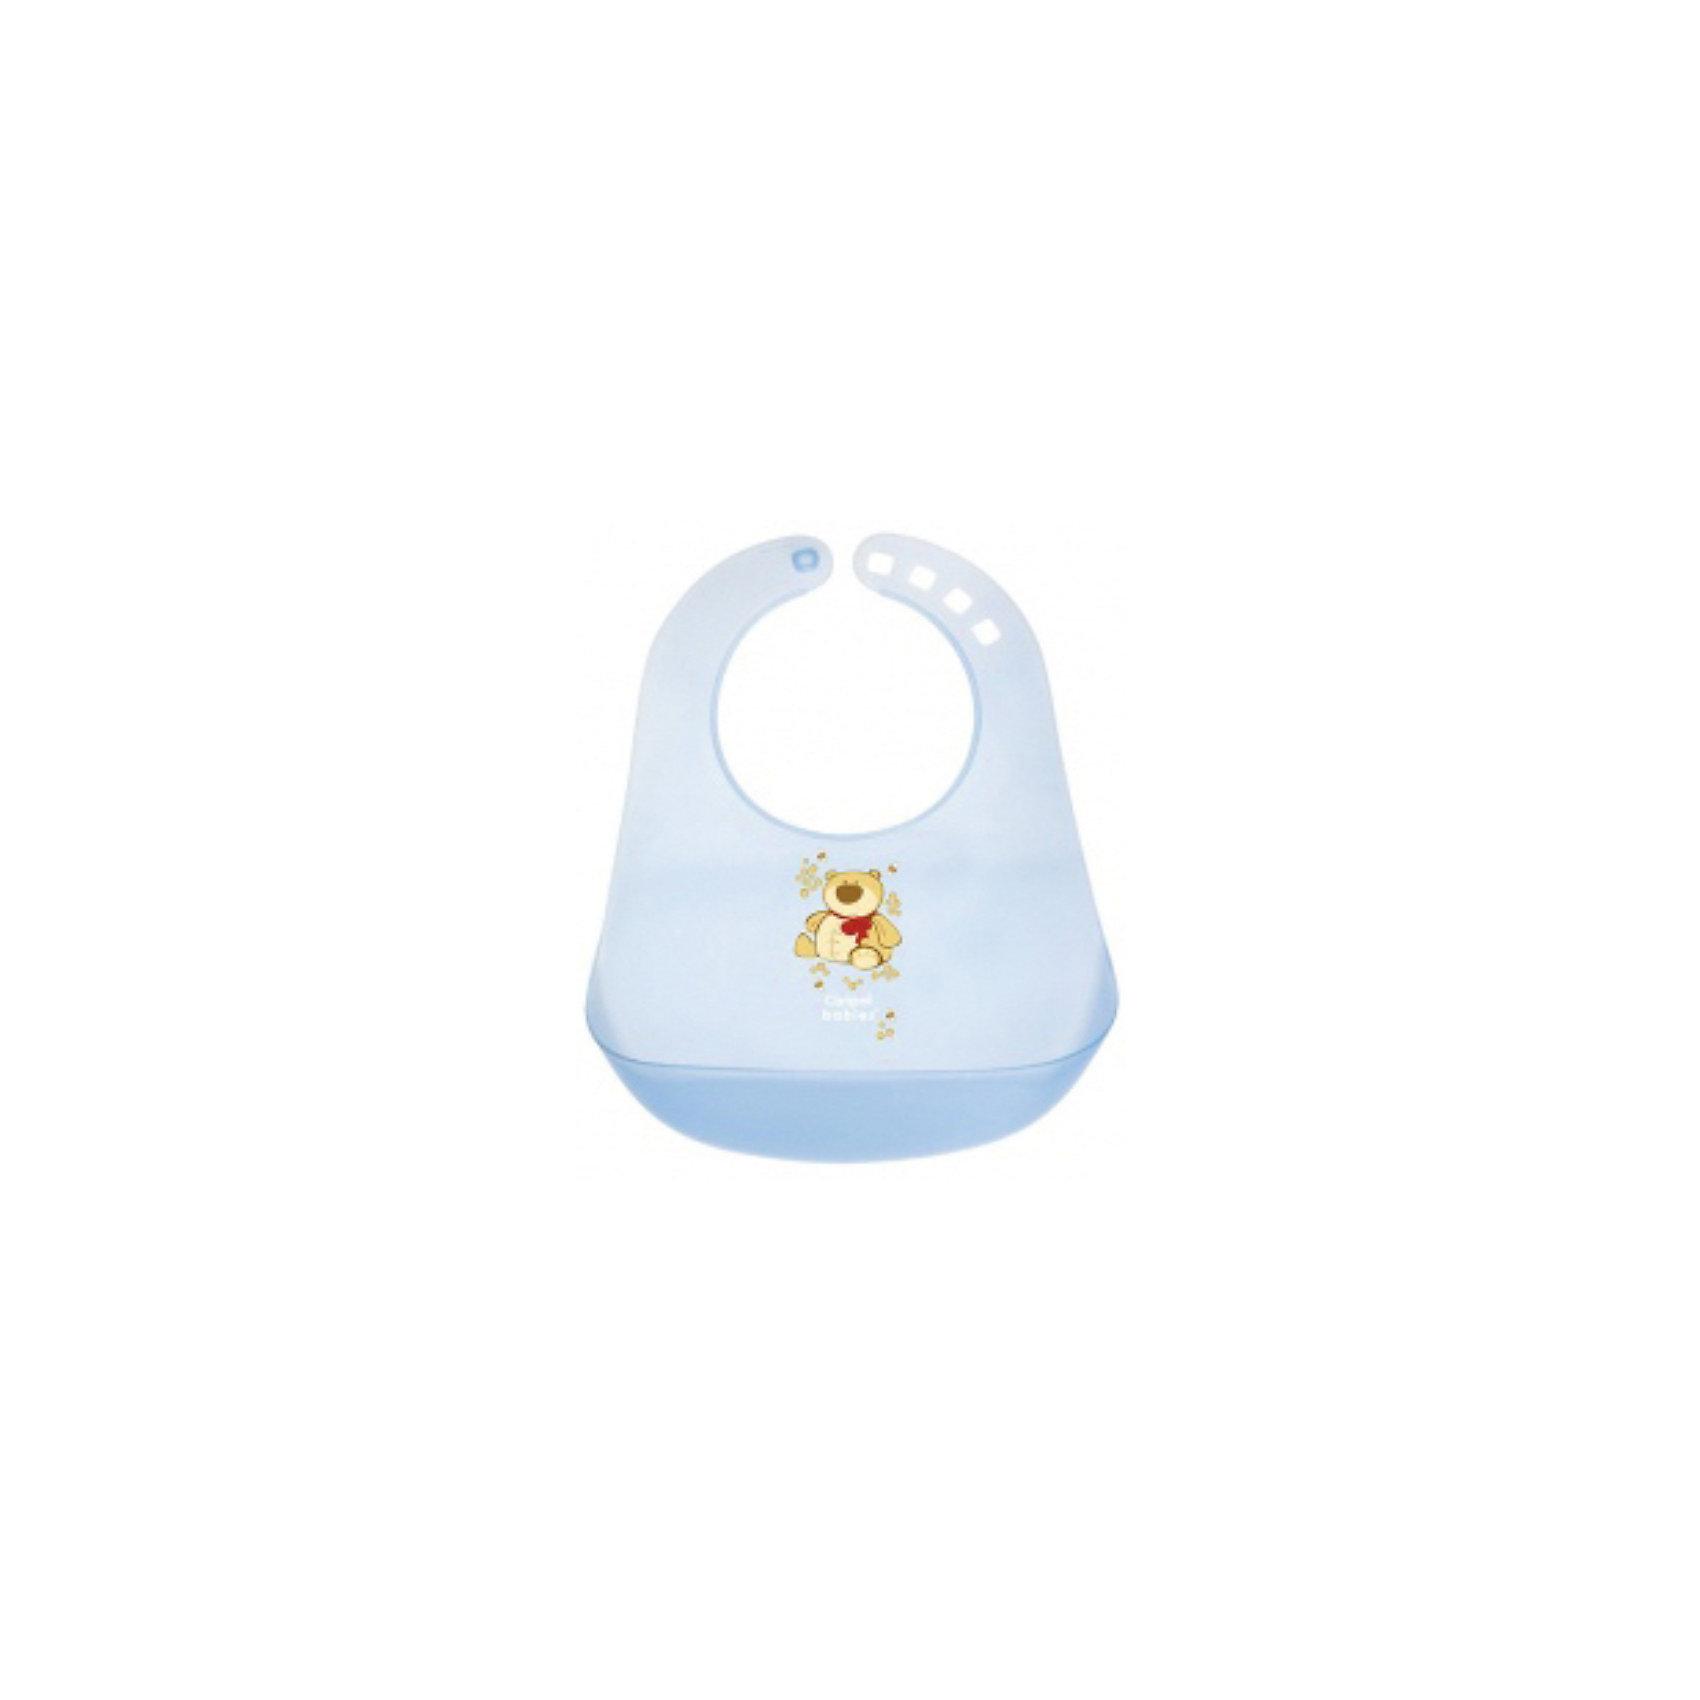 Пластиковый нагрудник, Canpol Babies, голубойПластиковый нагрудник Canpol Babies сделает прием пиши Вашего ребенка не только более чистым, но и станет хорошим другом Вашей крохи!<br>Пластиковый нагрудник с большим карманом для остатков пищи предназначен для детей старше 12 месяцев. Помогает защитить одежду ребенка от загрязнения. Его легко содержать в чистоте. После каждого использования мойте нагрудник в теплой мыльной воде.<br>Мягкая горловина нагрудника не поцарапает нежную шею Вашего ребенка, а замочек поможет легко и быстро закрепить нагрудник в нужном положении.<br>Благодаря пластиковому нагруднику Canpol Babies одежда малыша останется чистой после еды!<br>Пластиковый нагрудник Canpol Babies можно купить в нашем интернет-магазине.<br><br>Ширина мм: 230<br>Глубина мм: 400<br>Высота мм: 55<br>Вес г: 88<br>Возраст от месяцев: 12<br>Возраст до месяцев: 36<br>Пол: Мужской<br>Возраст: Детский<br>SKU: 3837141